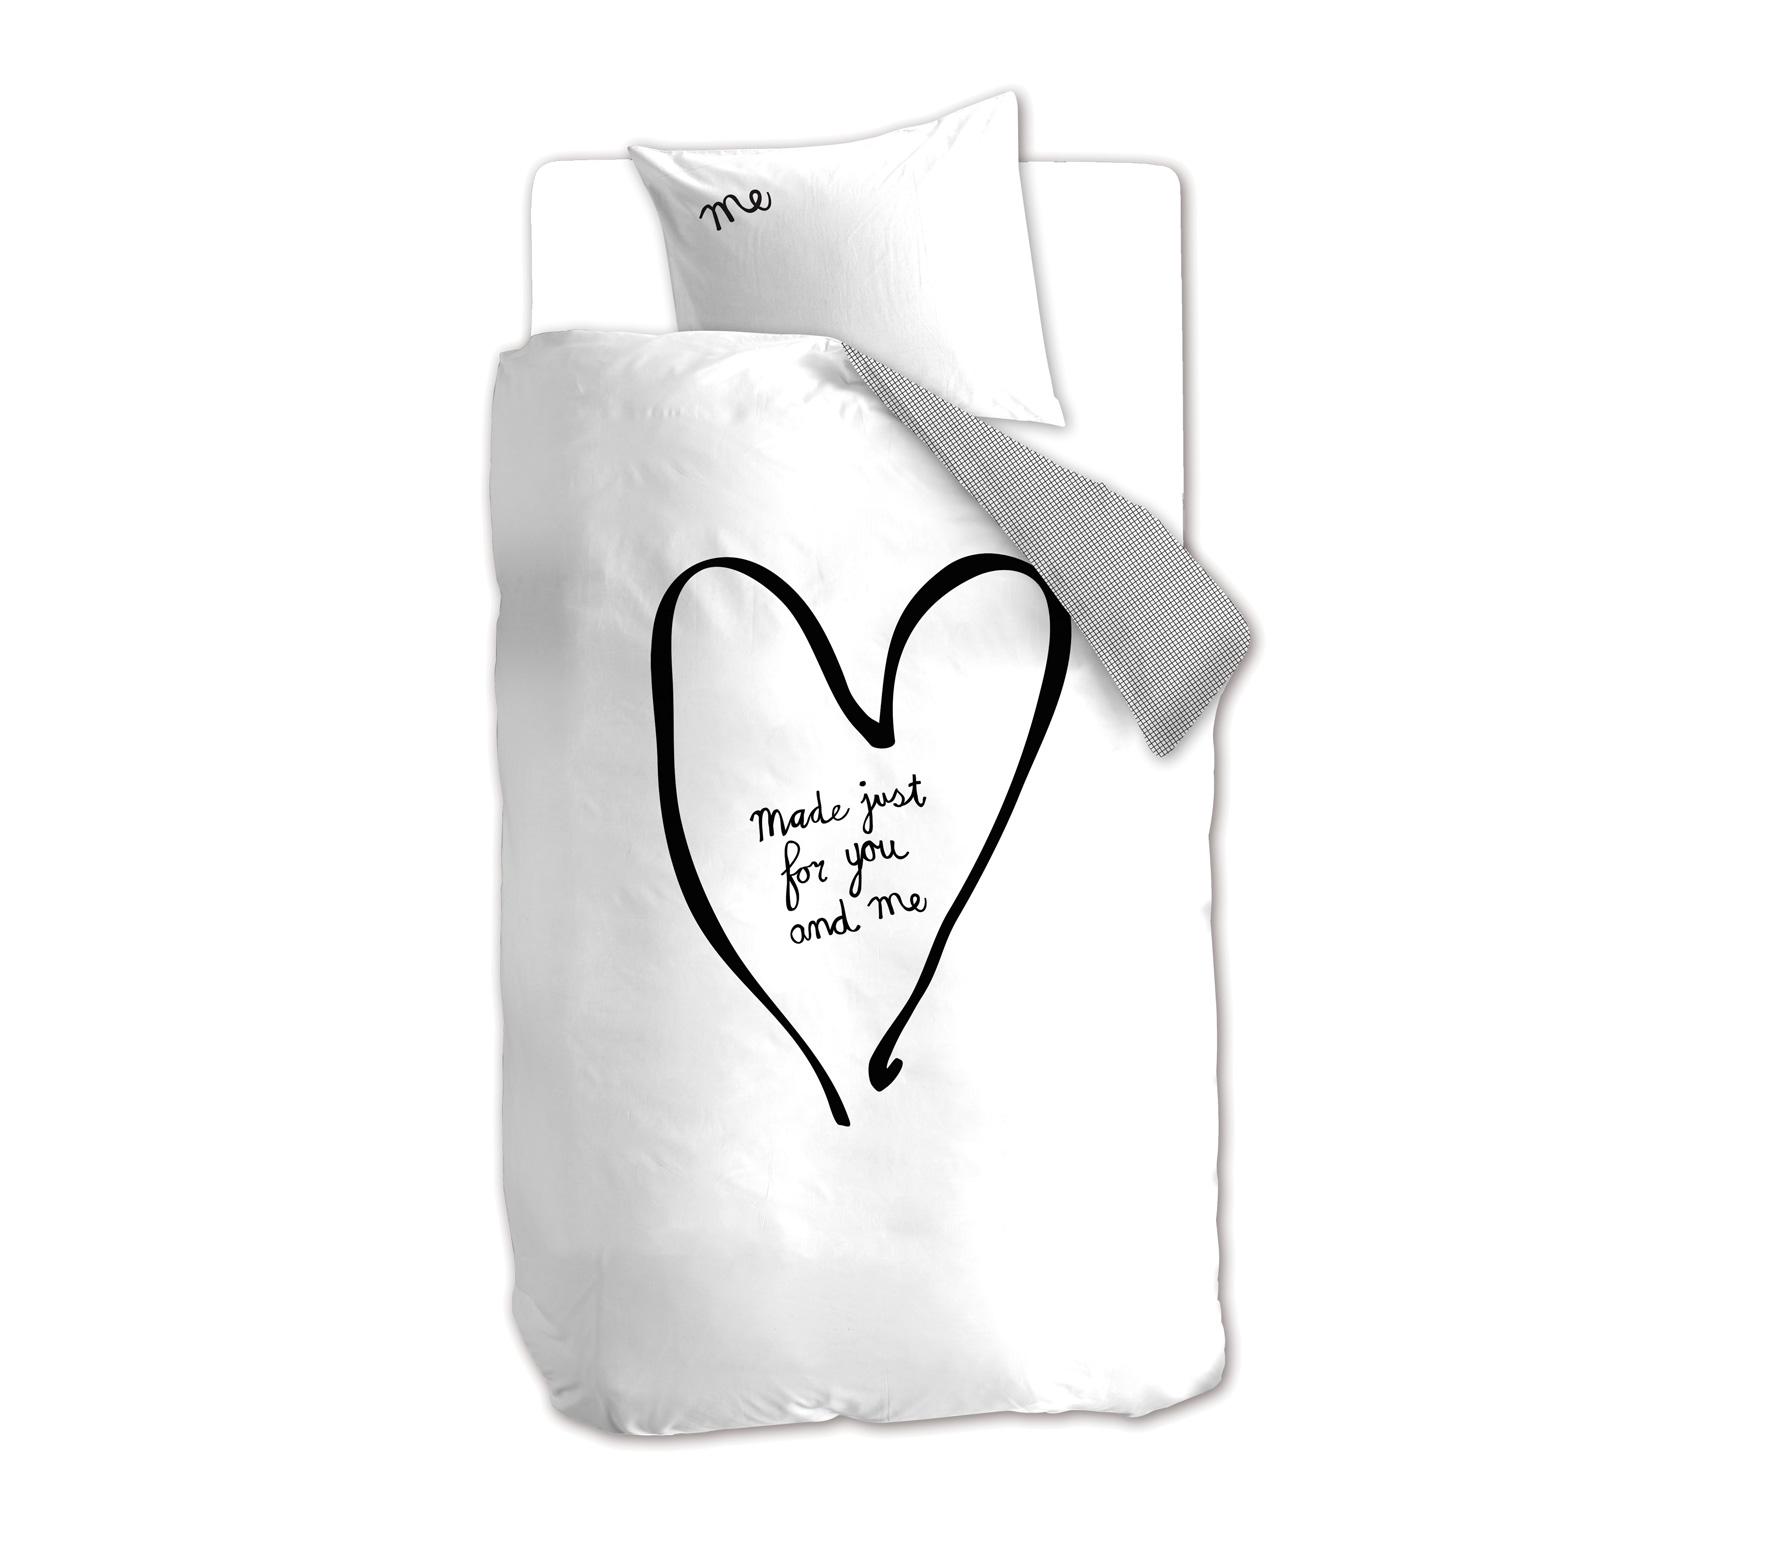 Riverdale You & Me dekbedovertrek wit 140x220 cm wordt gratis thuisbezorgd met 60 dagen gratis retourgarantie Basiclabel